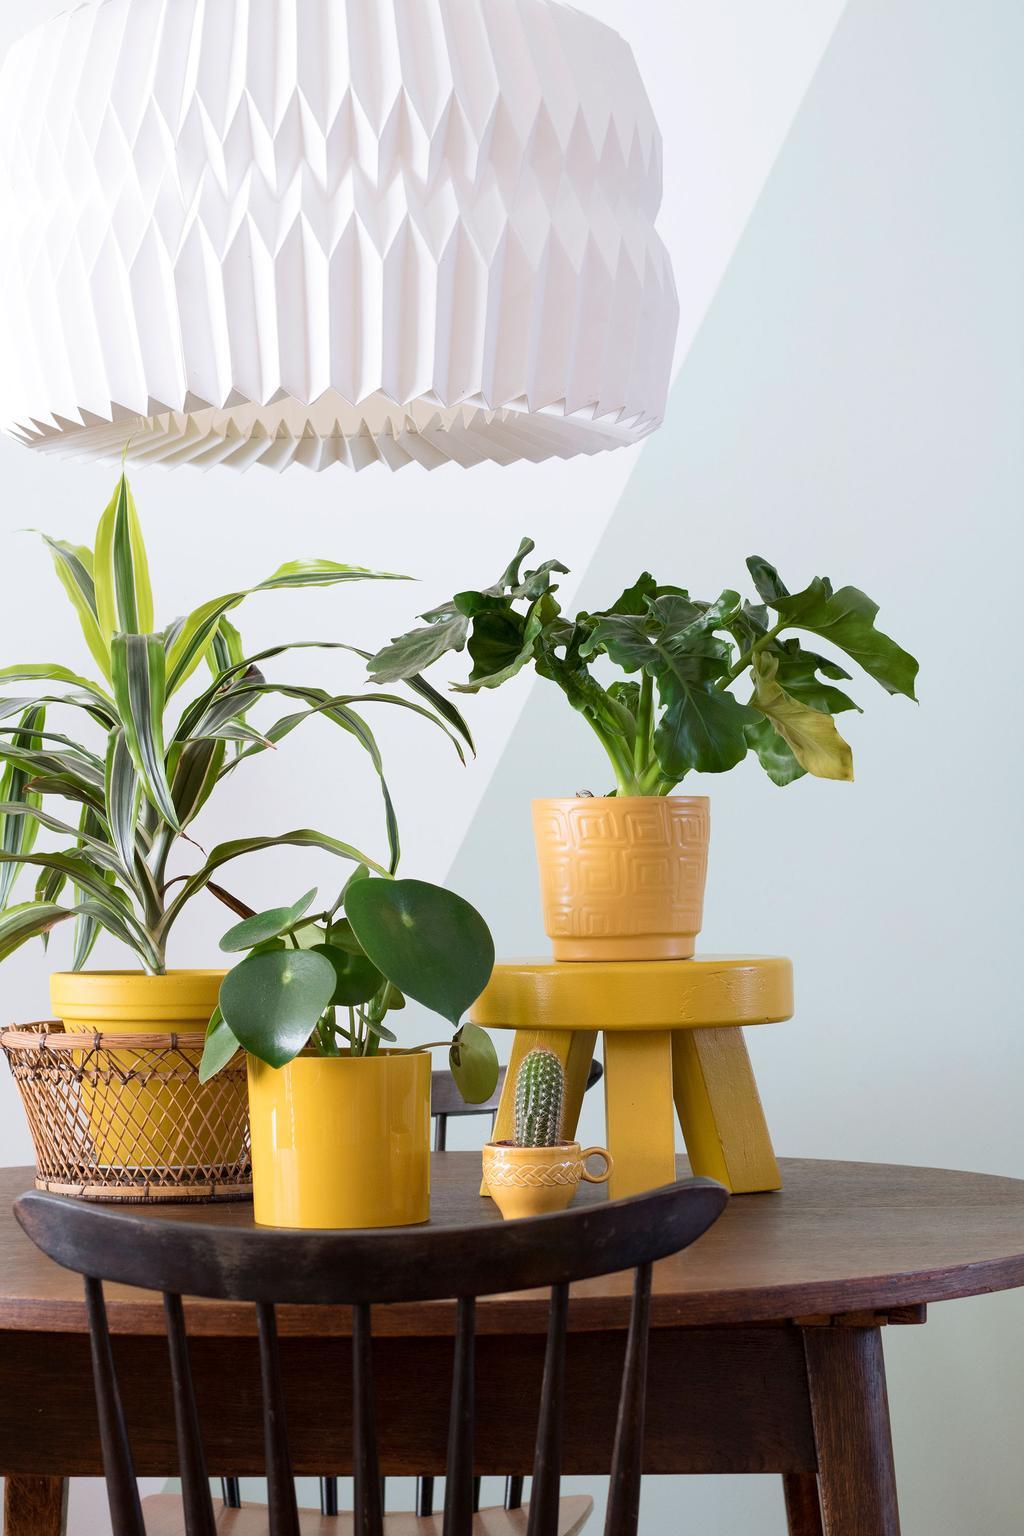 Eettafel met een verzameling planten in gele bloempotten